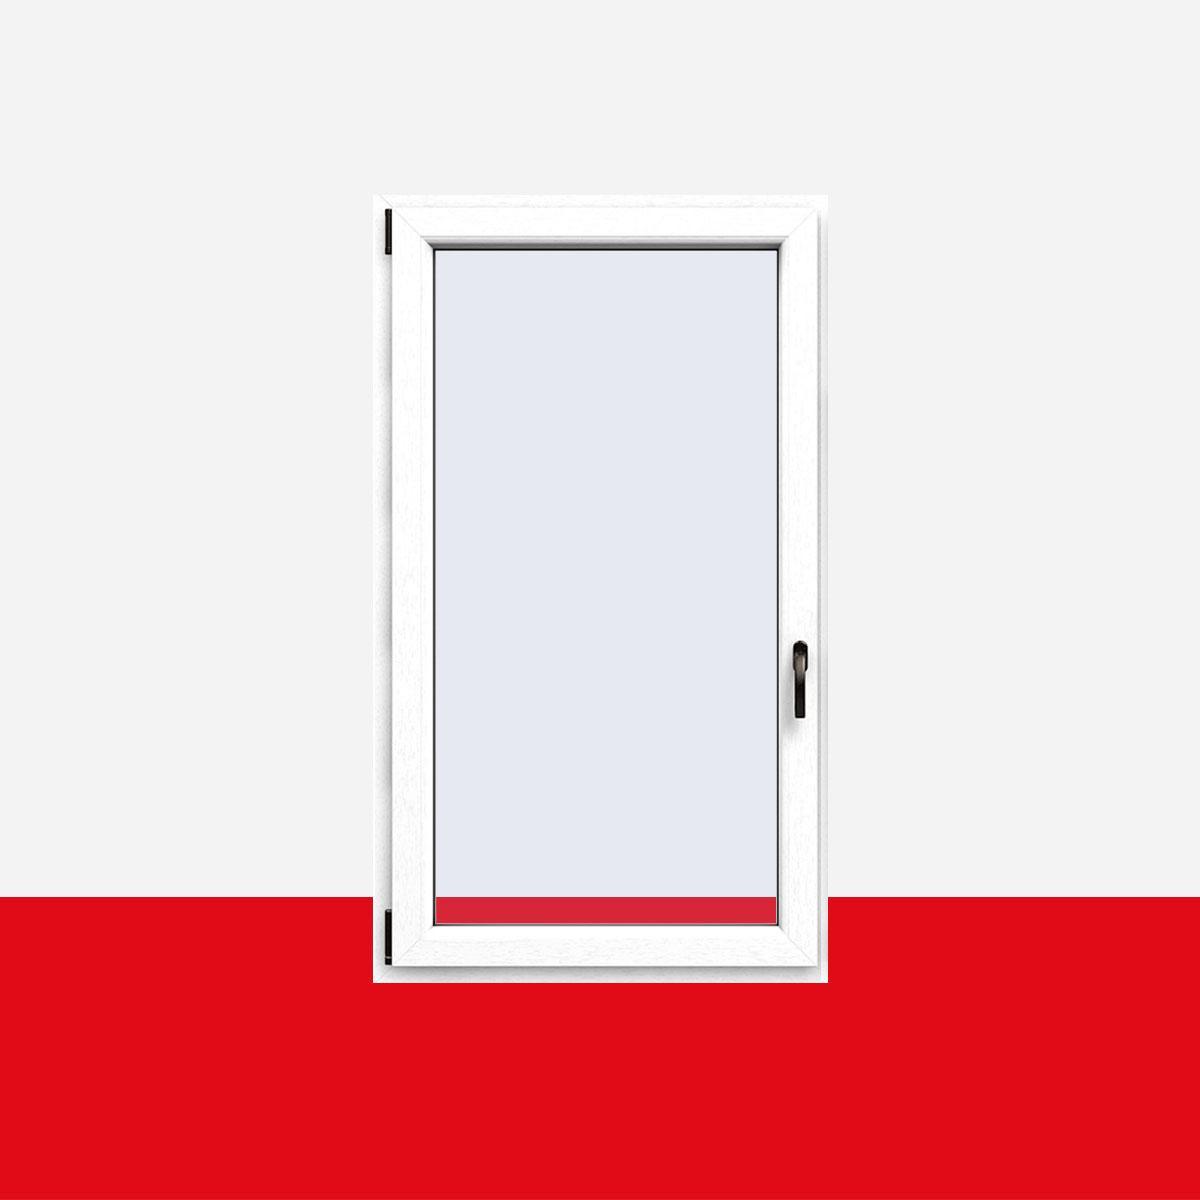 Full Size of Kunststofffenster Wei Finnen Und Auen Dreh Kipp Fenster 1 Mit Eingebauten Rolladen Schüco Online Sonnenschutz Für Bodentiefe Rollos Innen Aco Plissee Außen Fenster Günstige Fenster